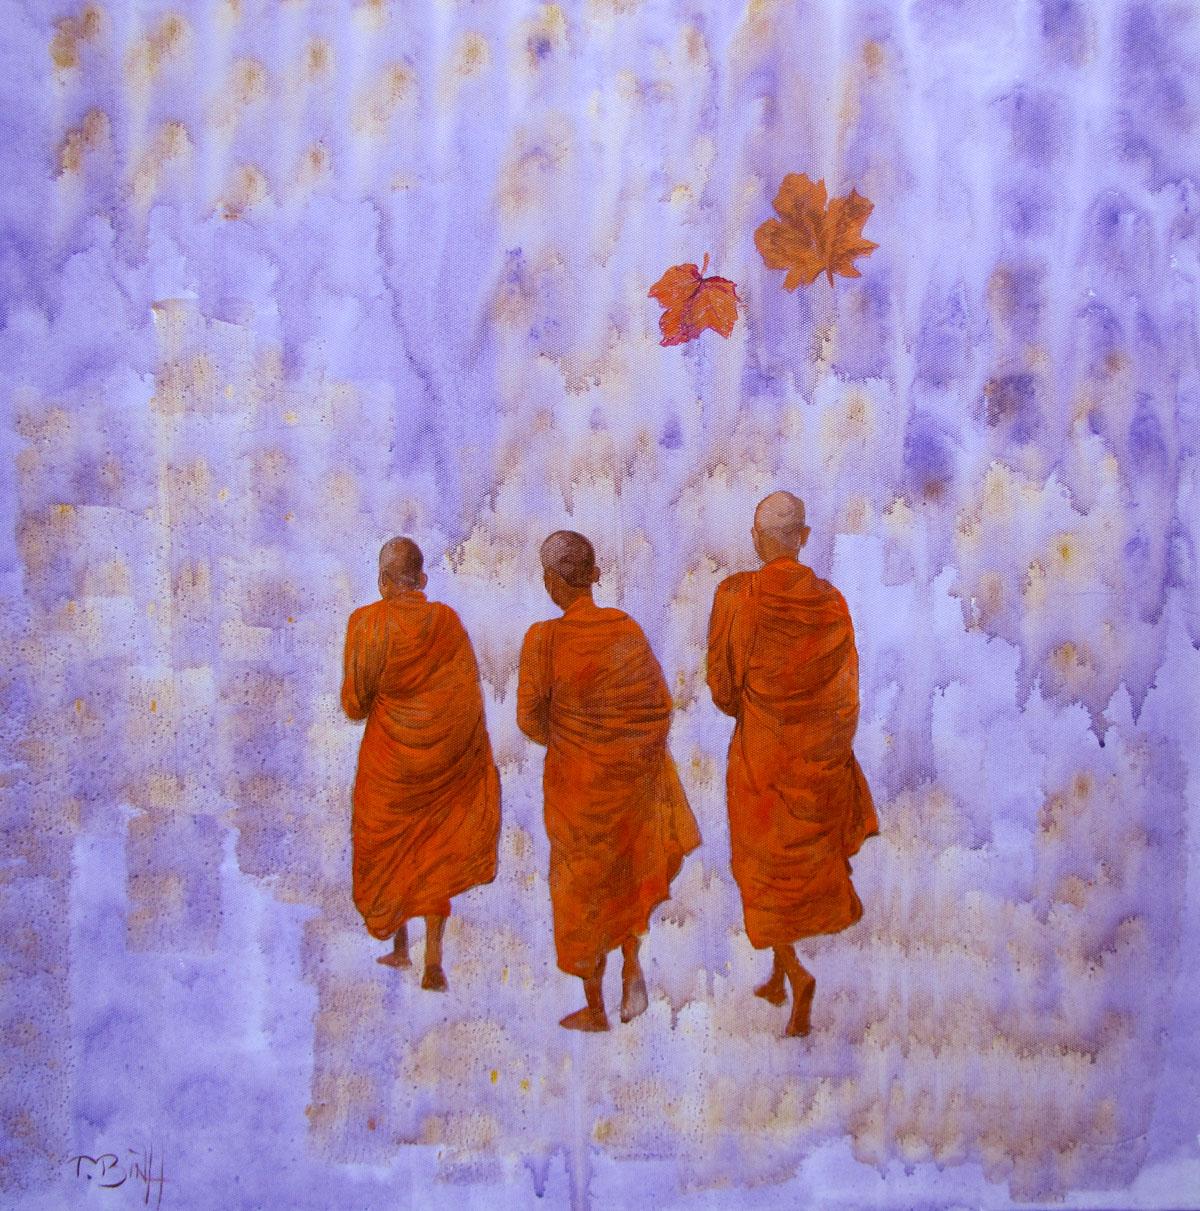 The Monks 03-Original Vietnamese Art